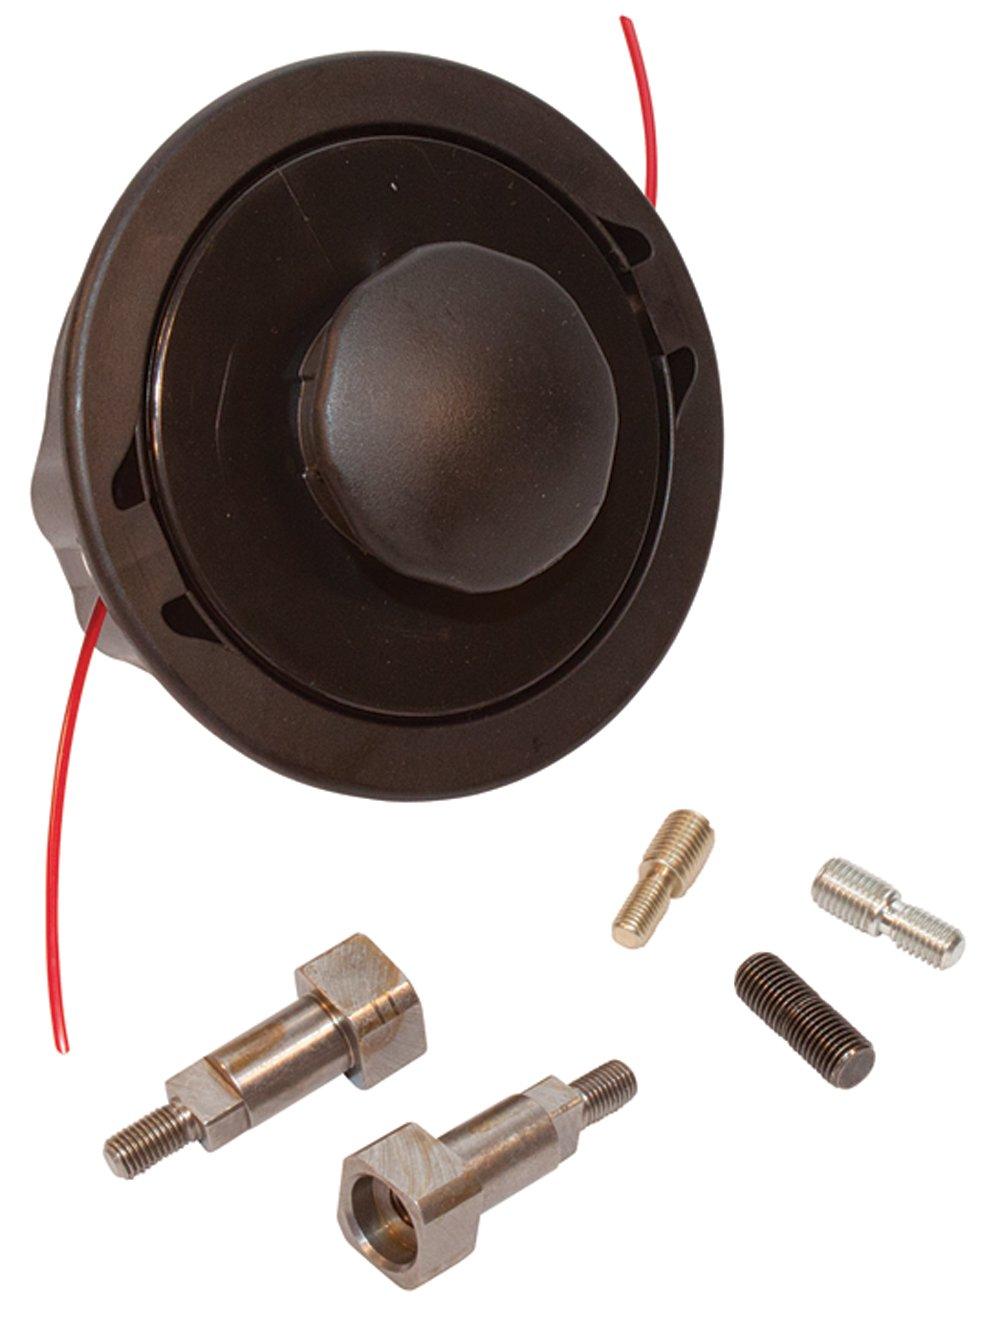 Stens 385 - 150 Pro Bump alimentación cabezal de recorte ...